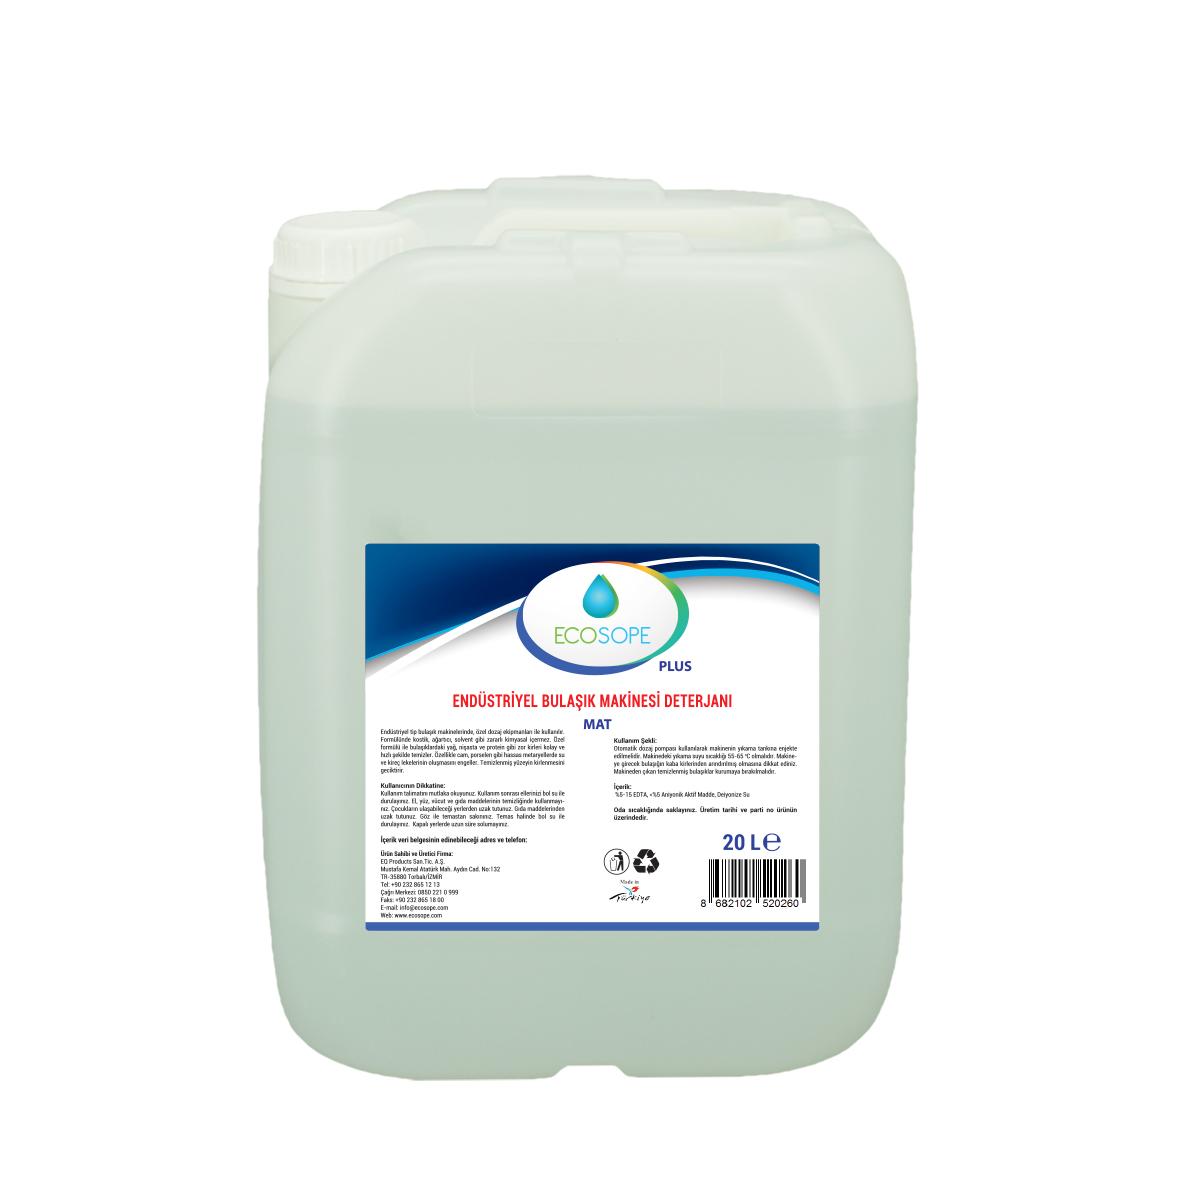 Ecosope Plus Endüstriyel Bulaşık Makinesi Deterjanı Mat